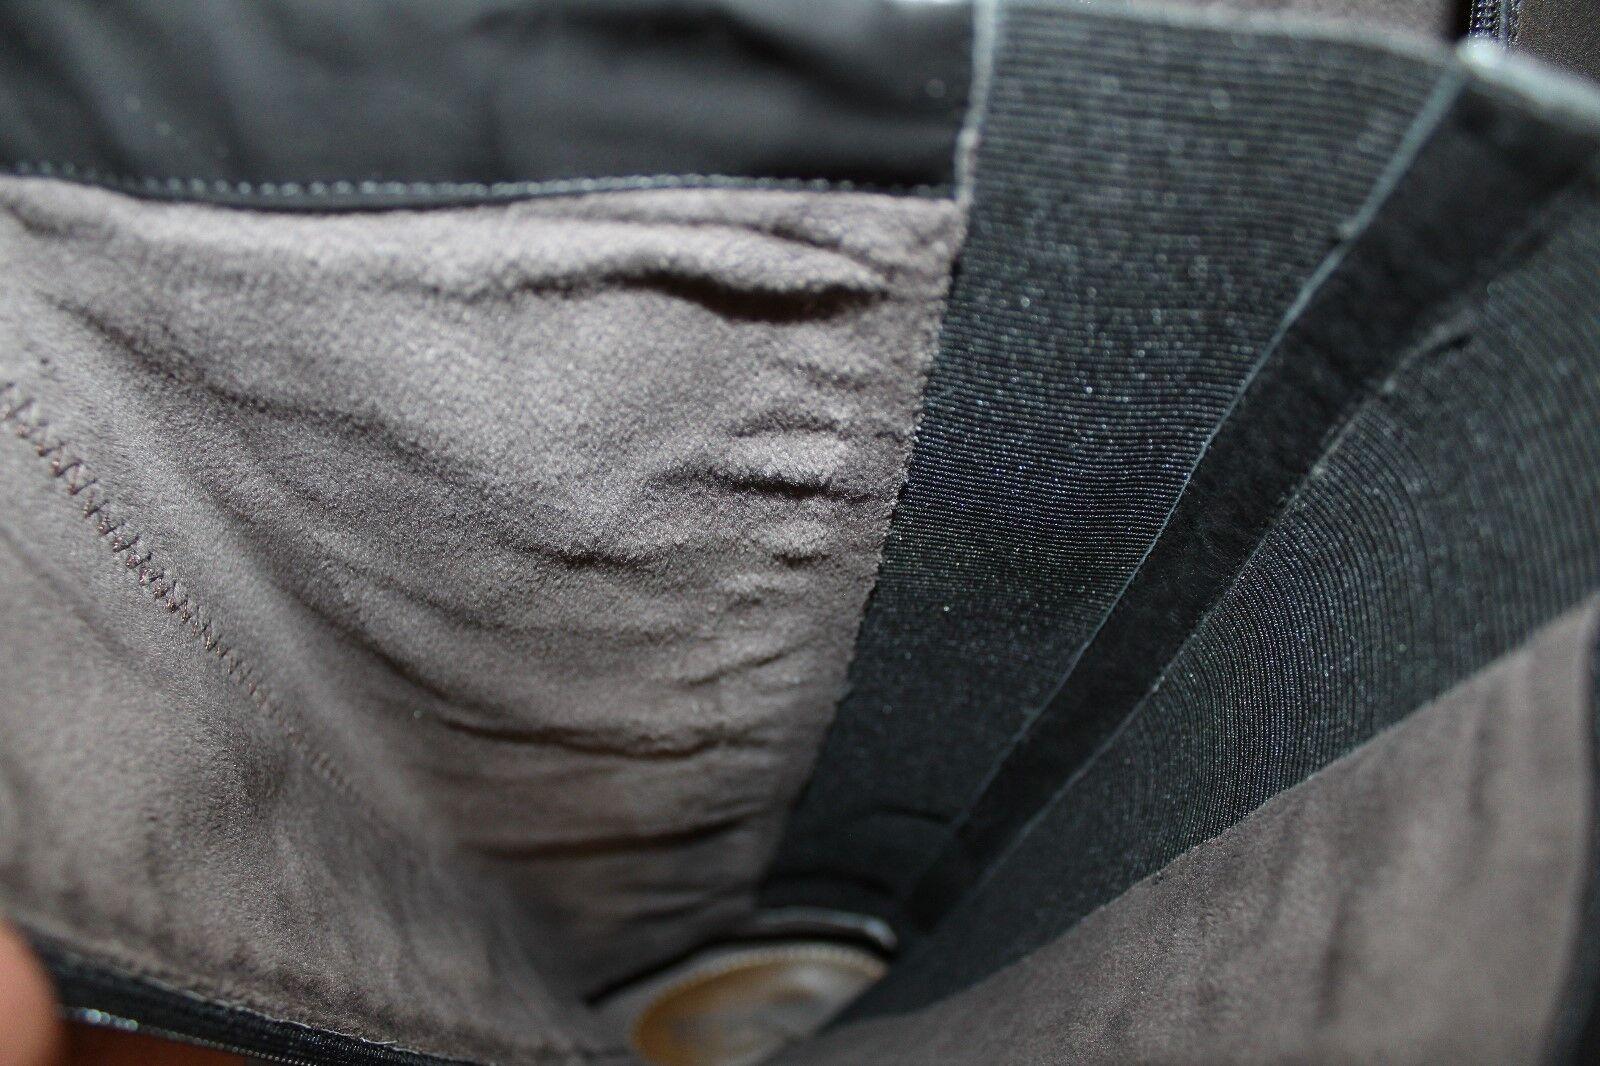 Regarde le ciel Mujer botas botas botas Altas Talla 7.5-8 39 De Cuero Negro Hebilla lateral de cremallera completa 5481ea